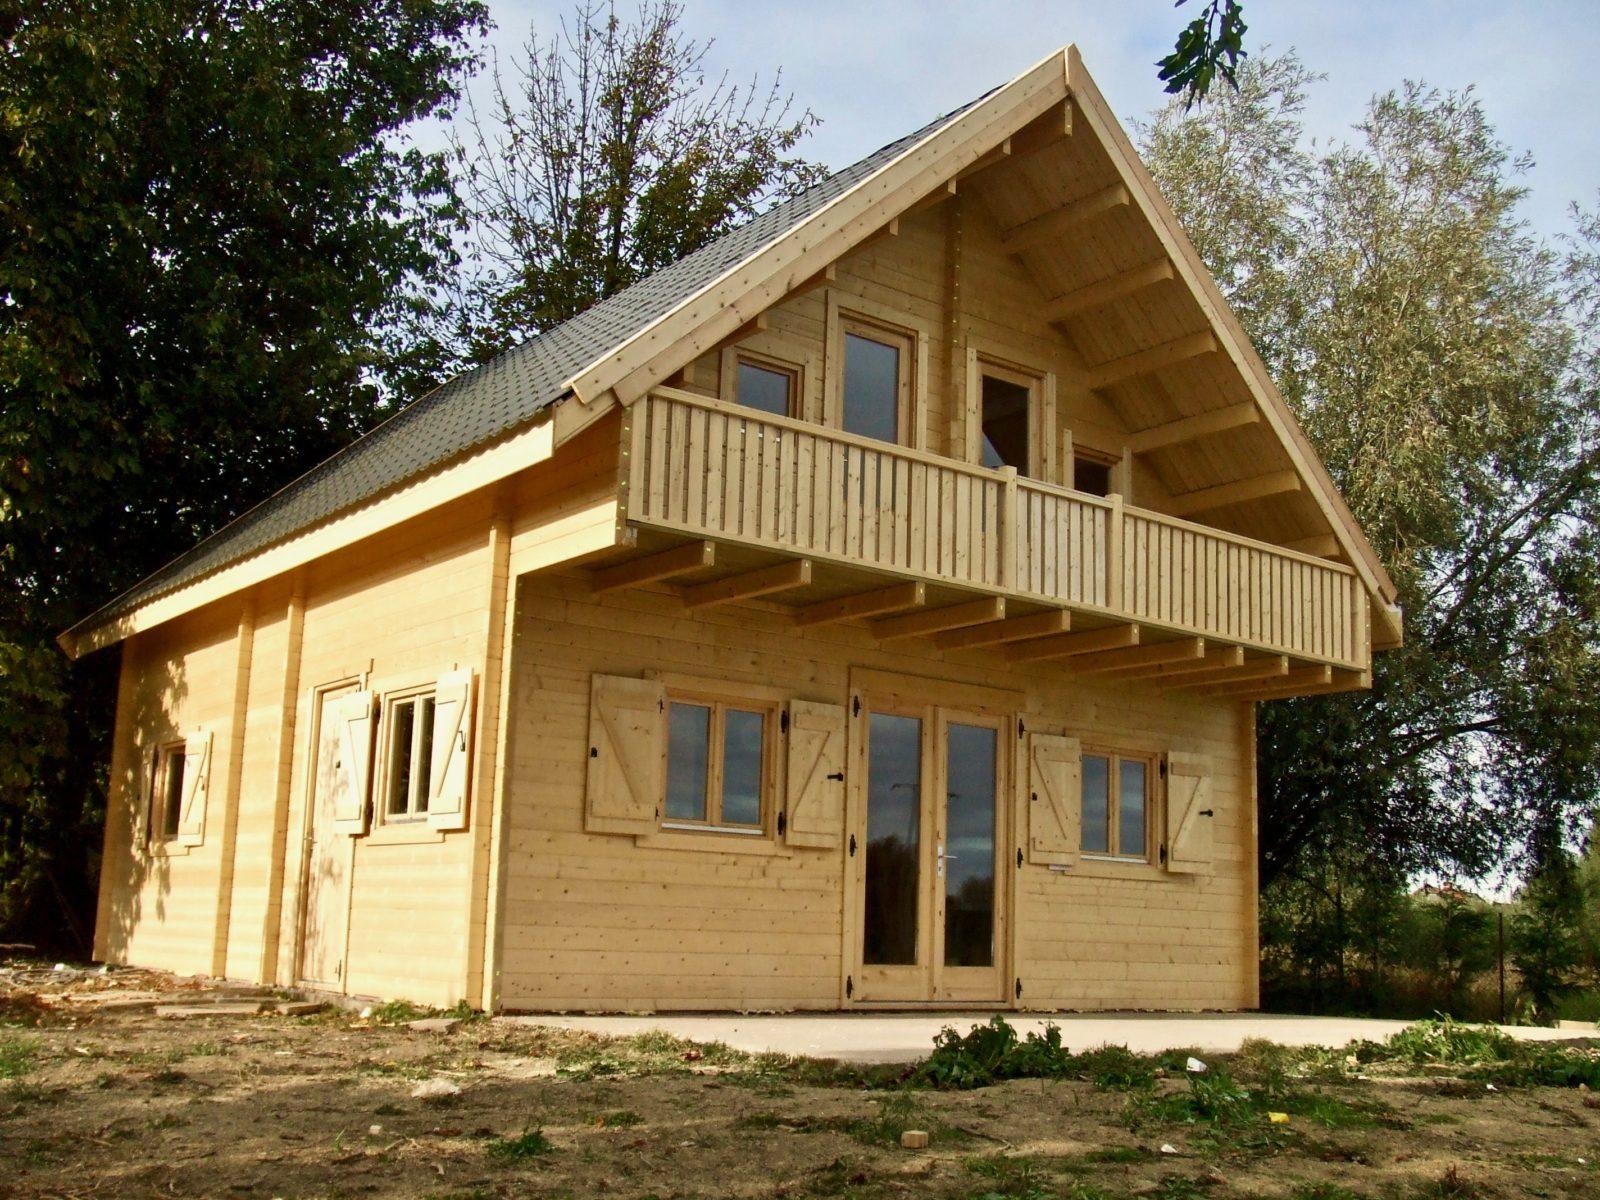 maison en madrier à structure symetrique 2